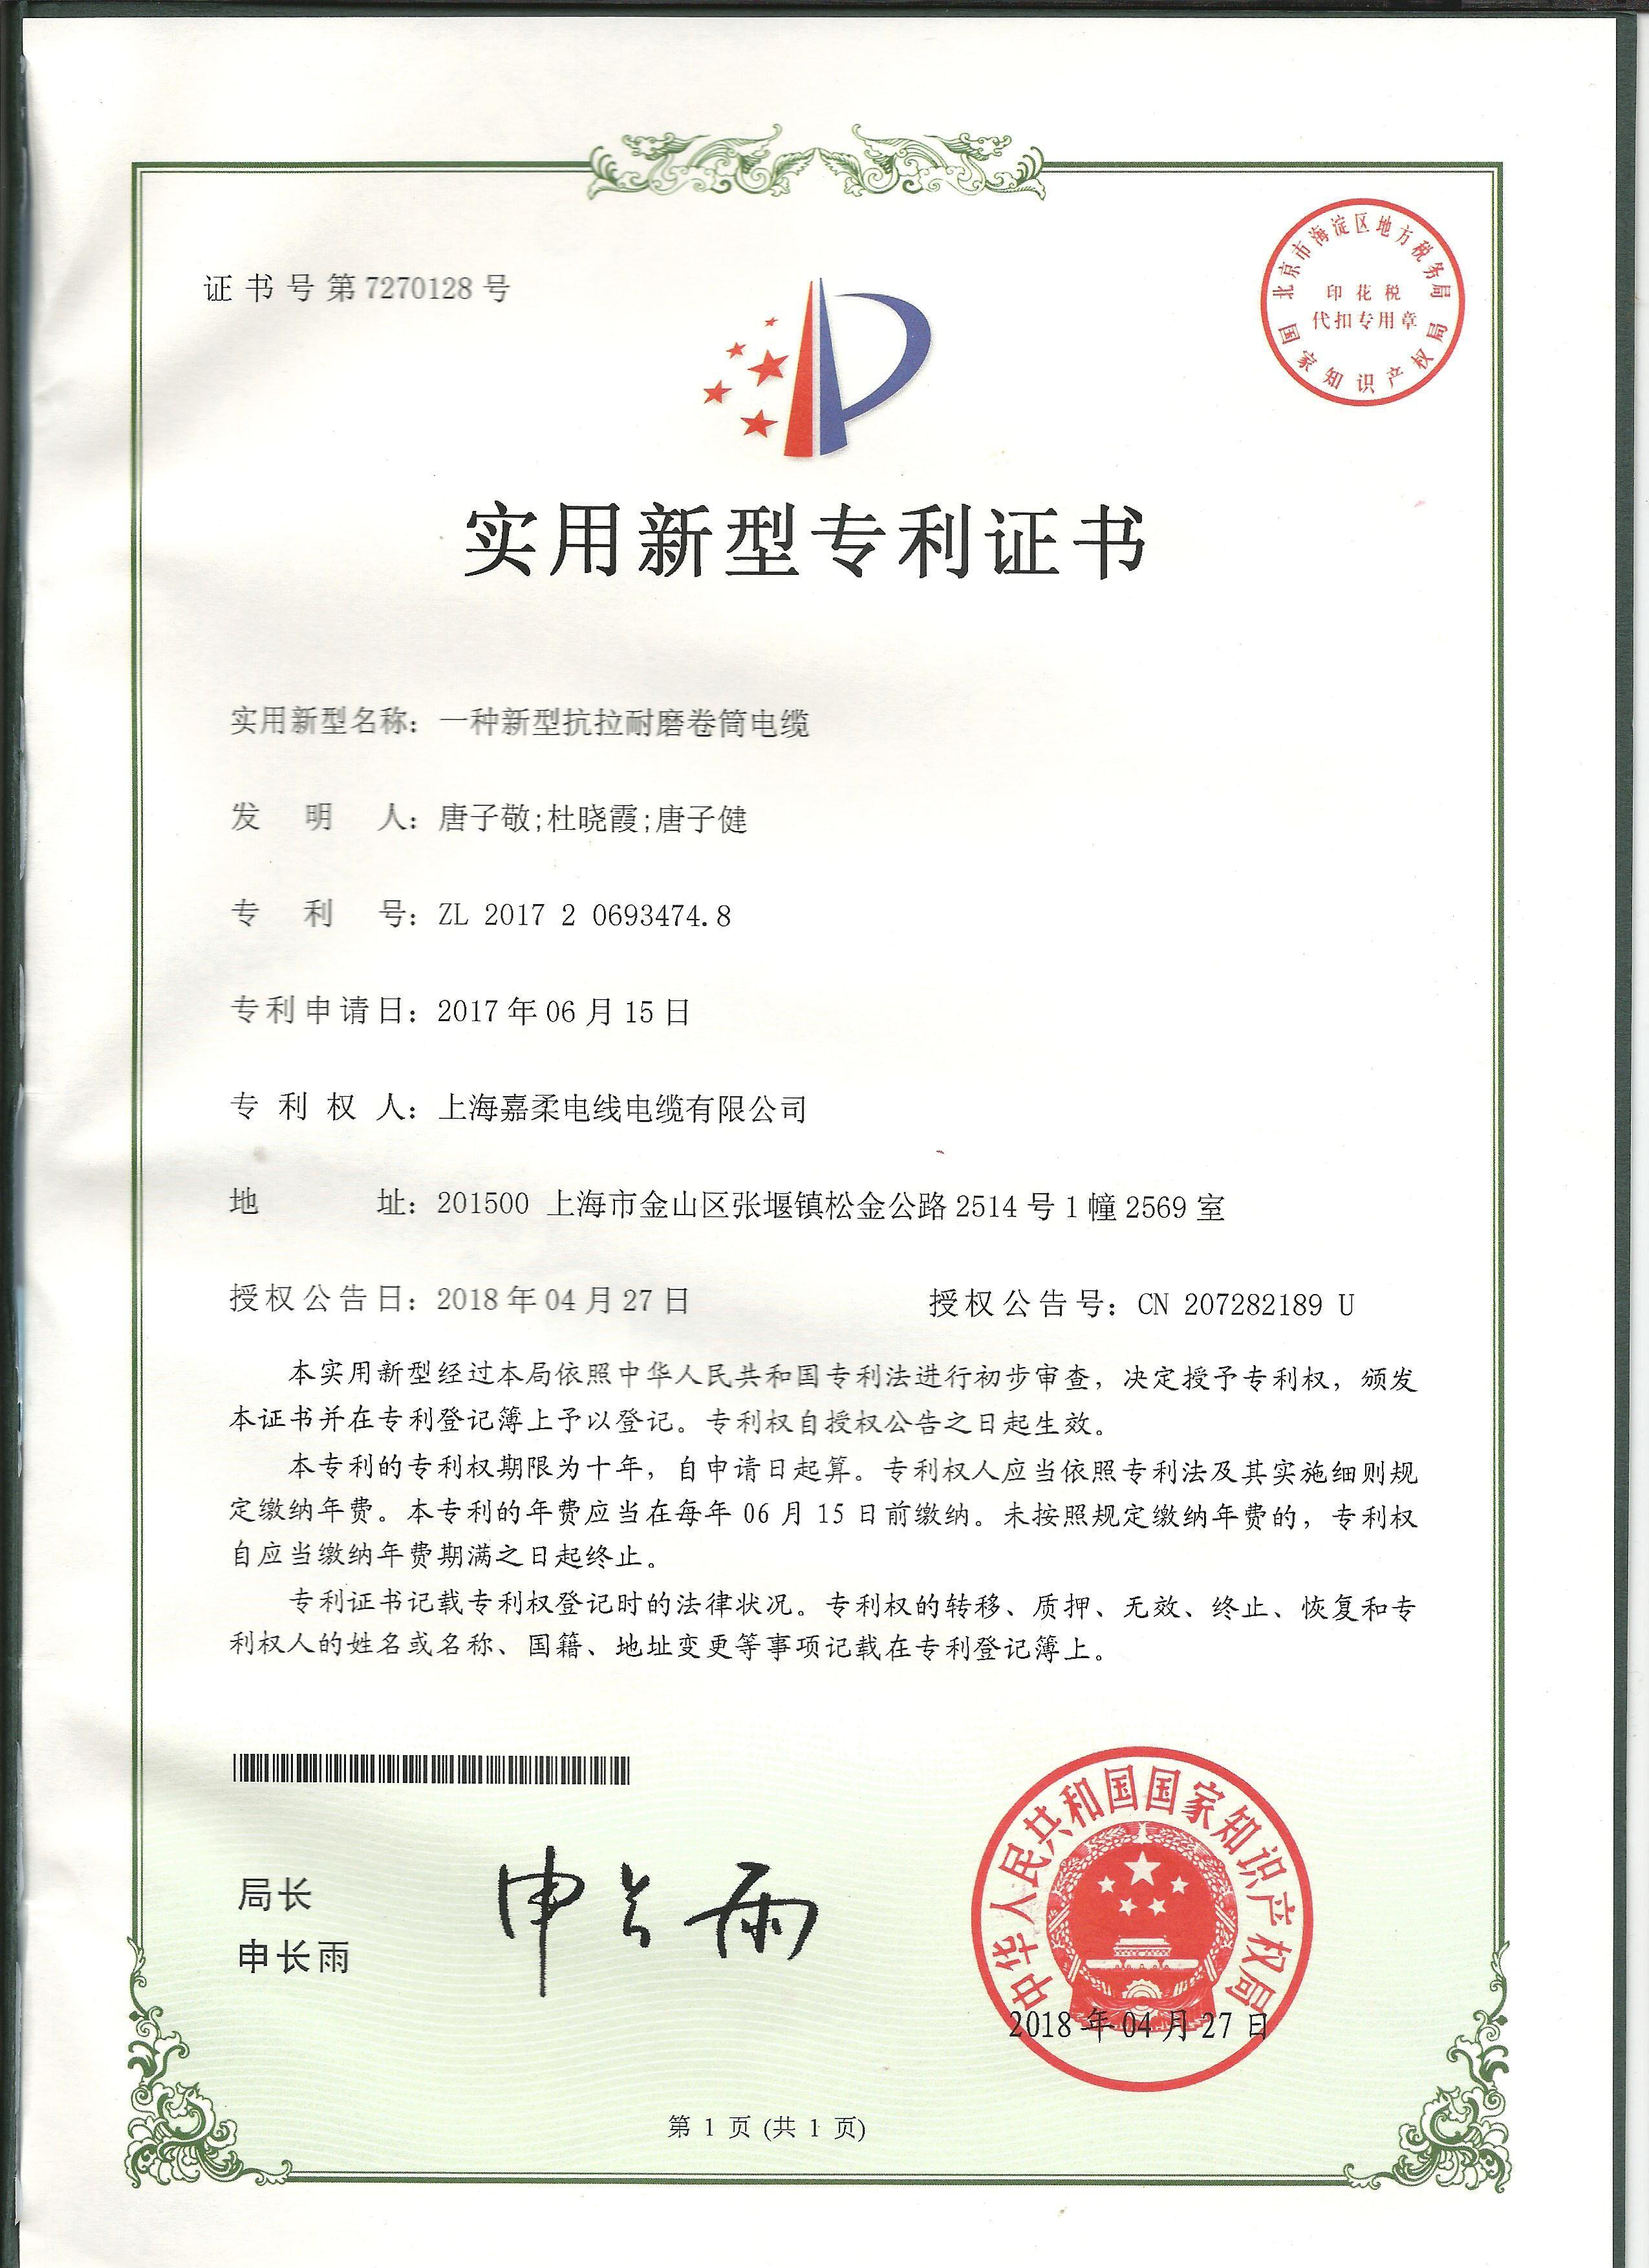 抓斗电缆_抓斗卷筒电缆_实用新型专利证书